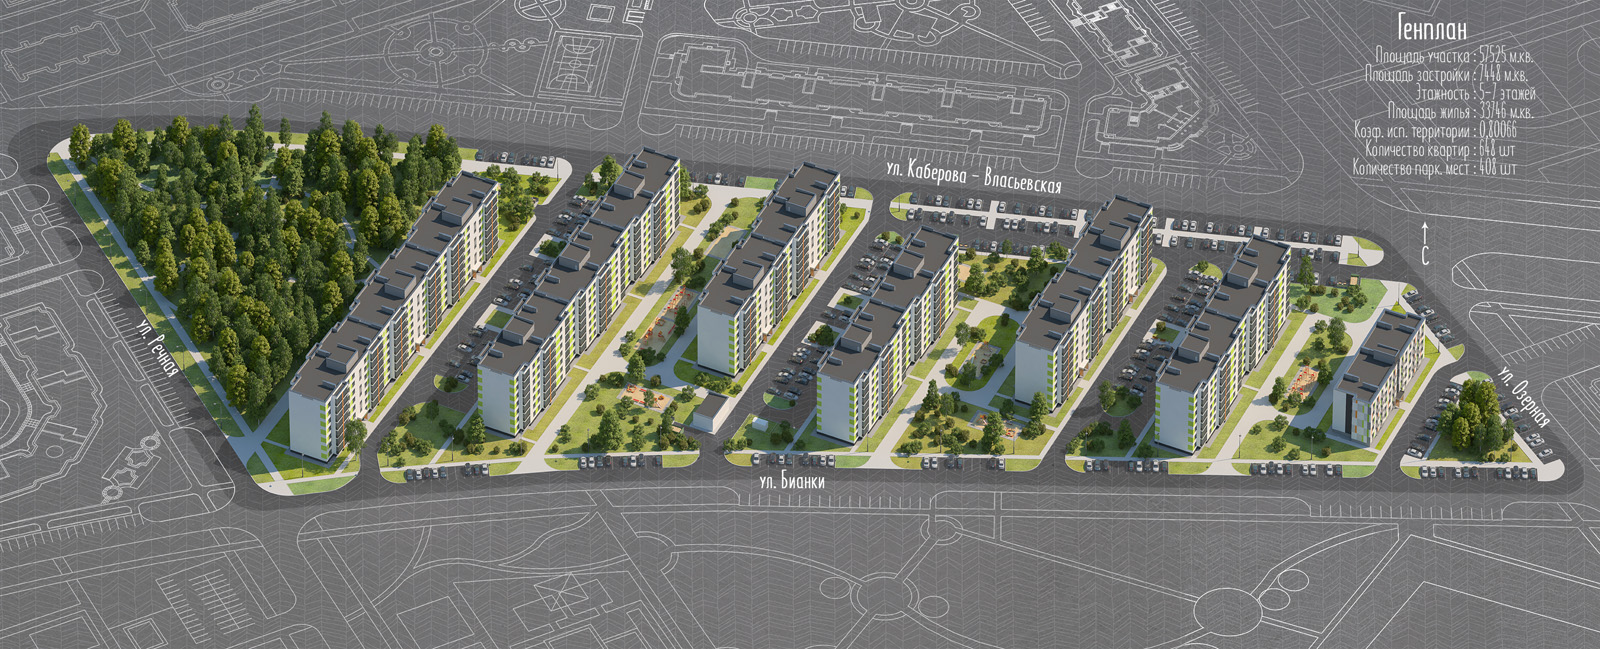 Жилой комплекс Зелёный в Псковском районе